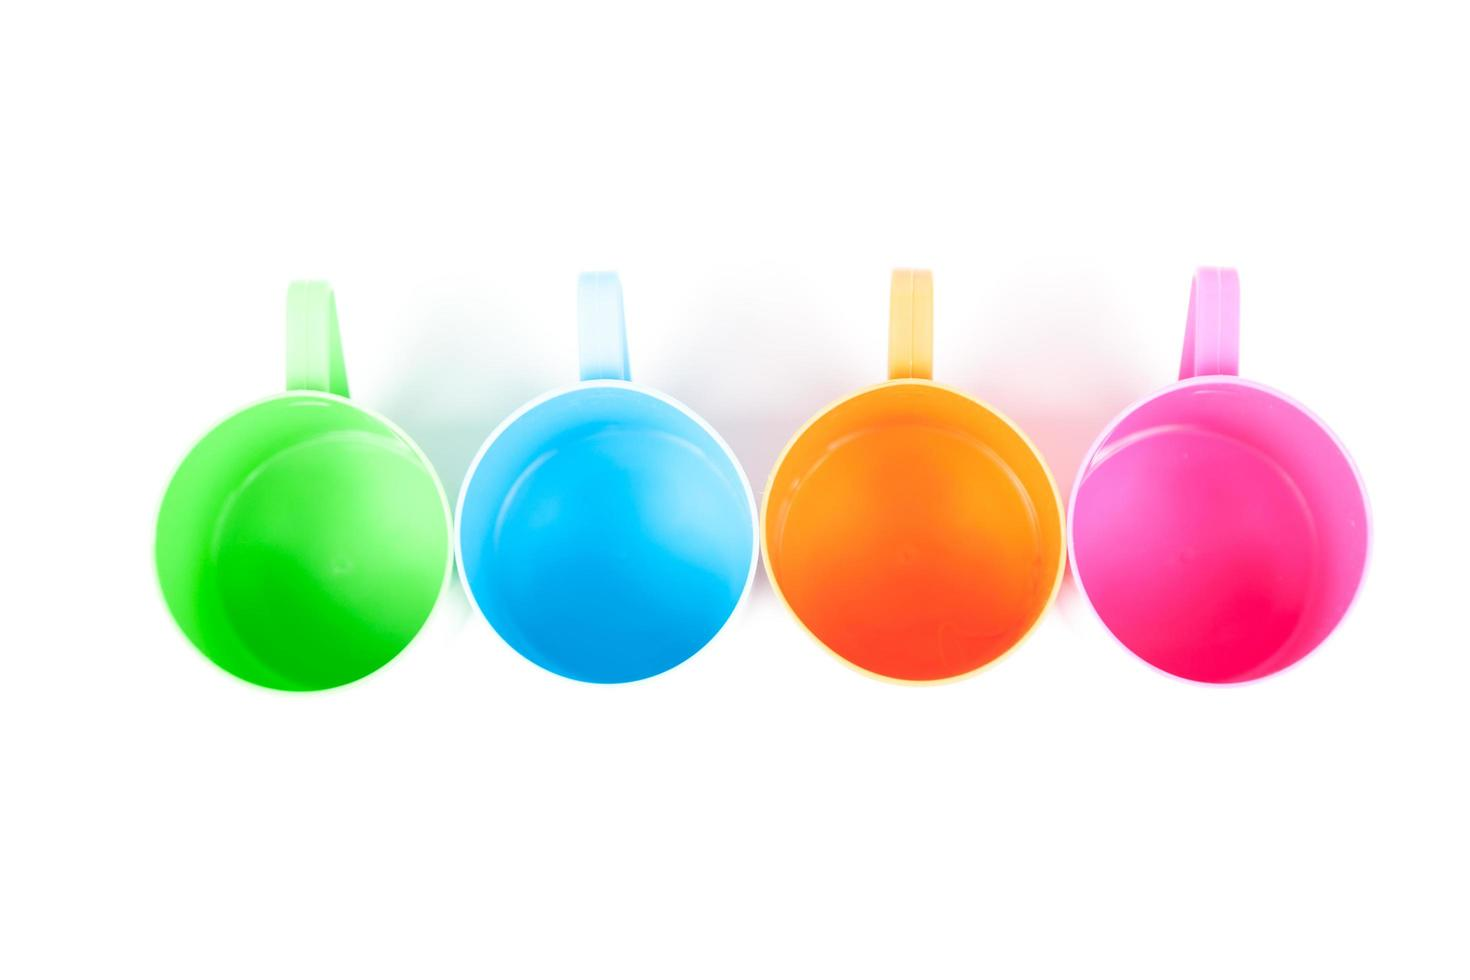 vasos de plástico multicolores foto